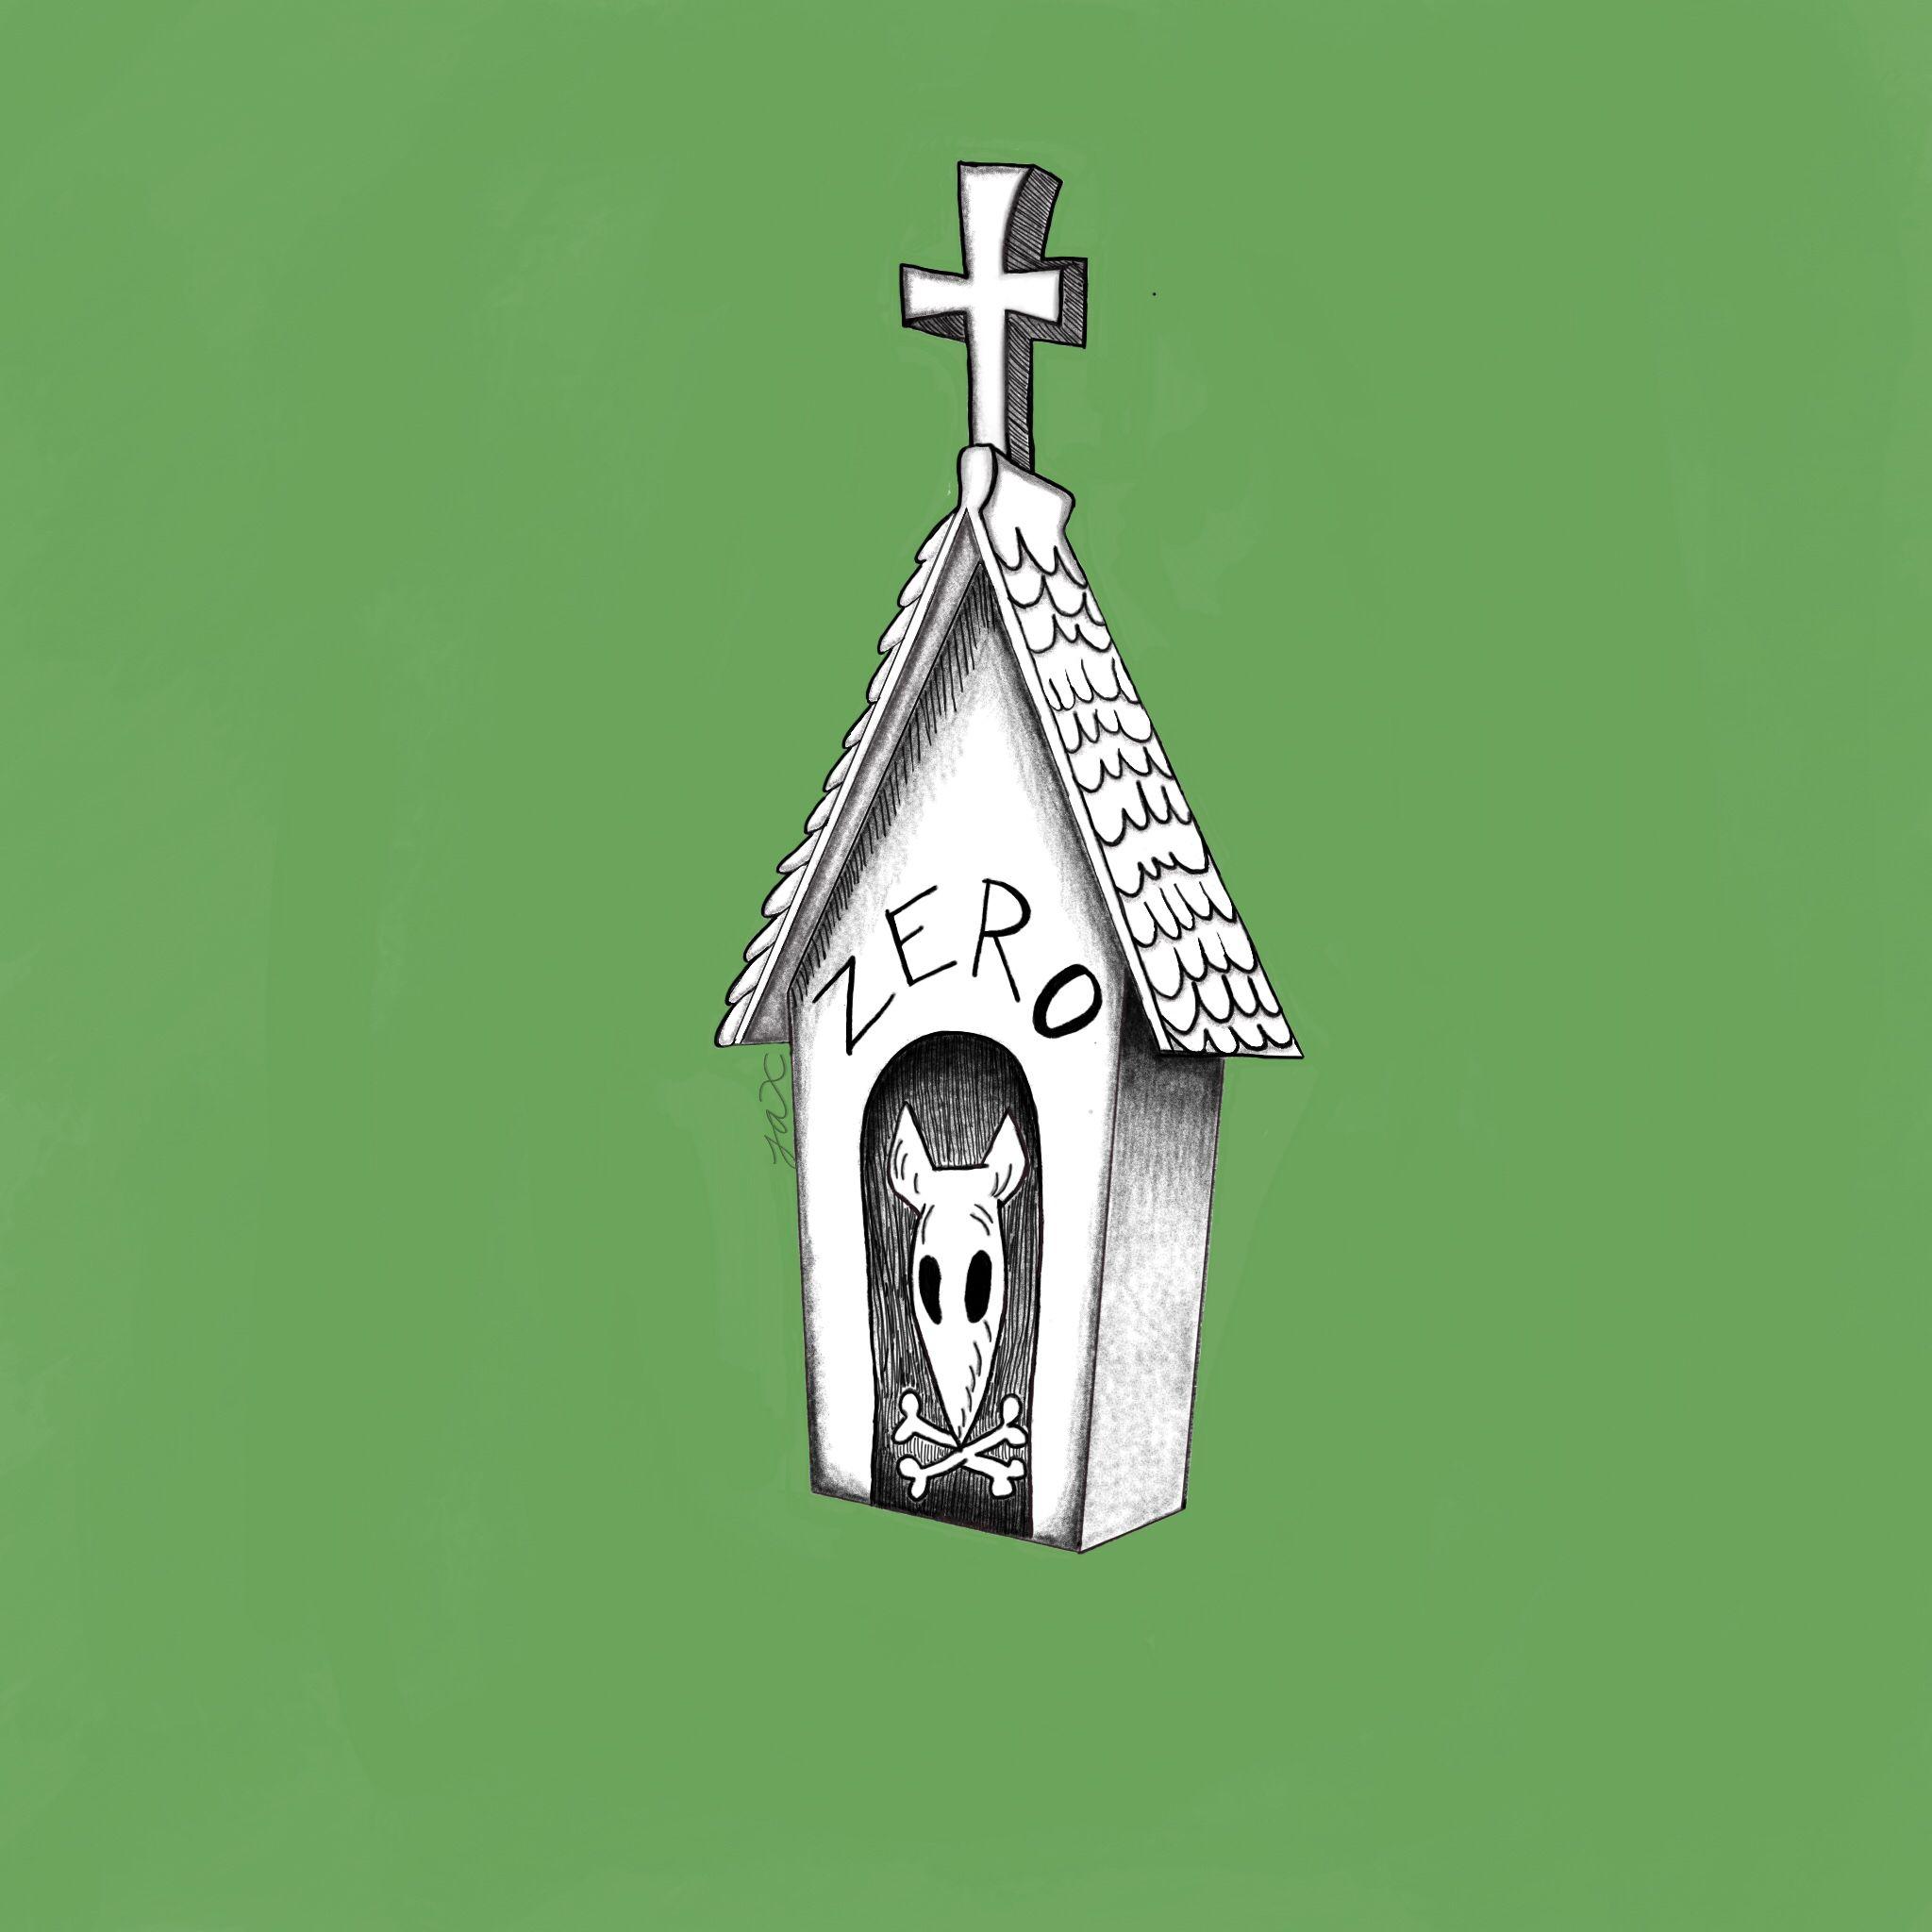 Zero S House Inspired But Tim Burton S Nightmare Before Christmas